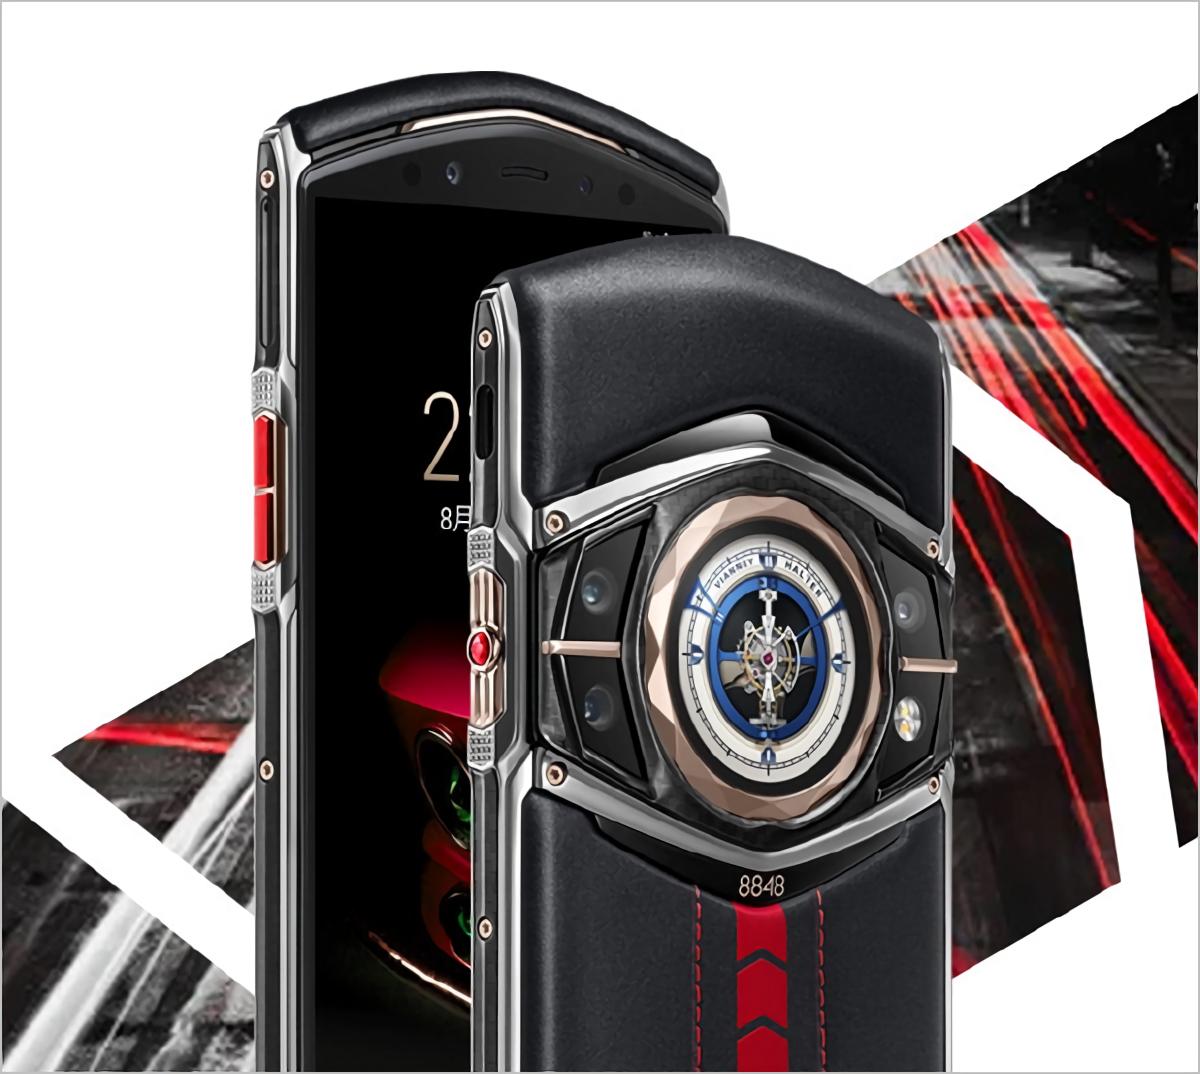 Chiêm ngưỡng siêu phẩm điện thoại khung titan, sợi carbon giá khủng - Ảnh 1.